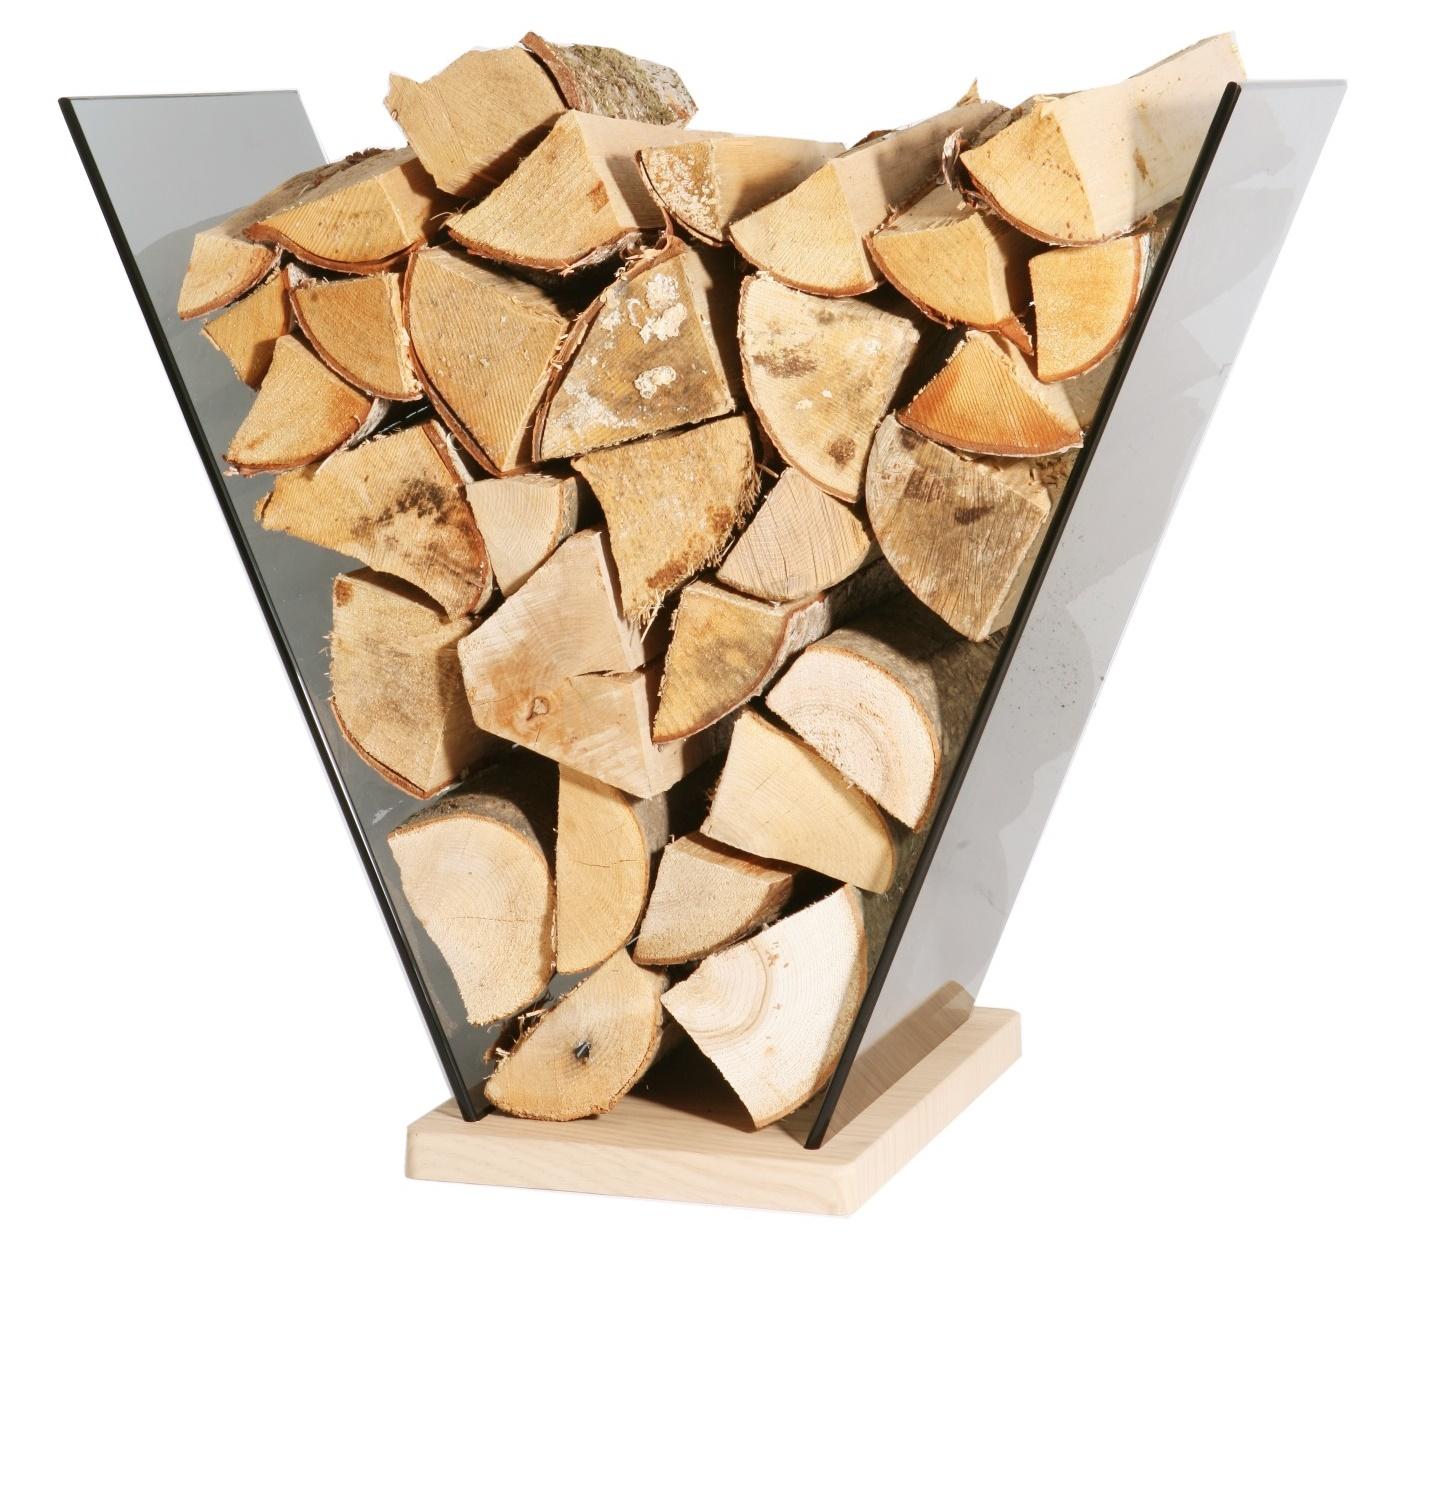 kaminholzst nder glas holz 61 x 35 x 58 cm brennholzst nder. Black Bedroom Furniture Sets. Home Design Ideas